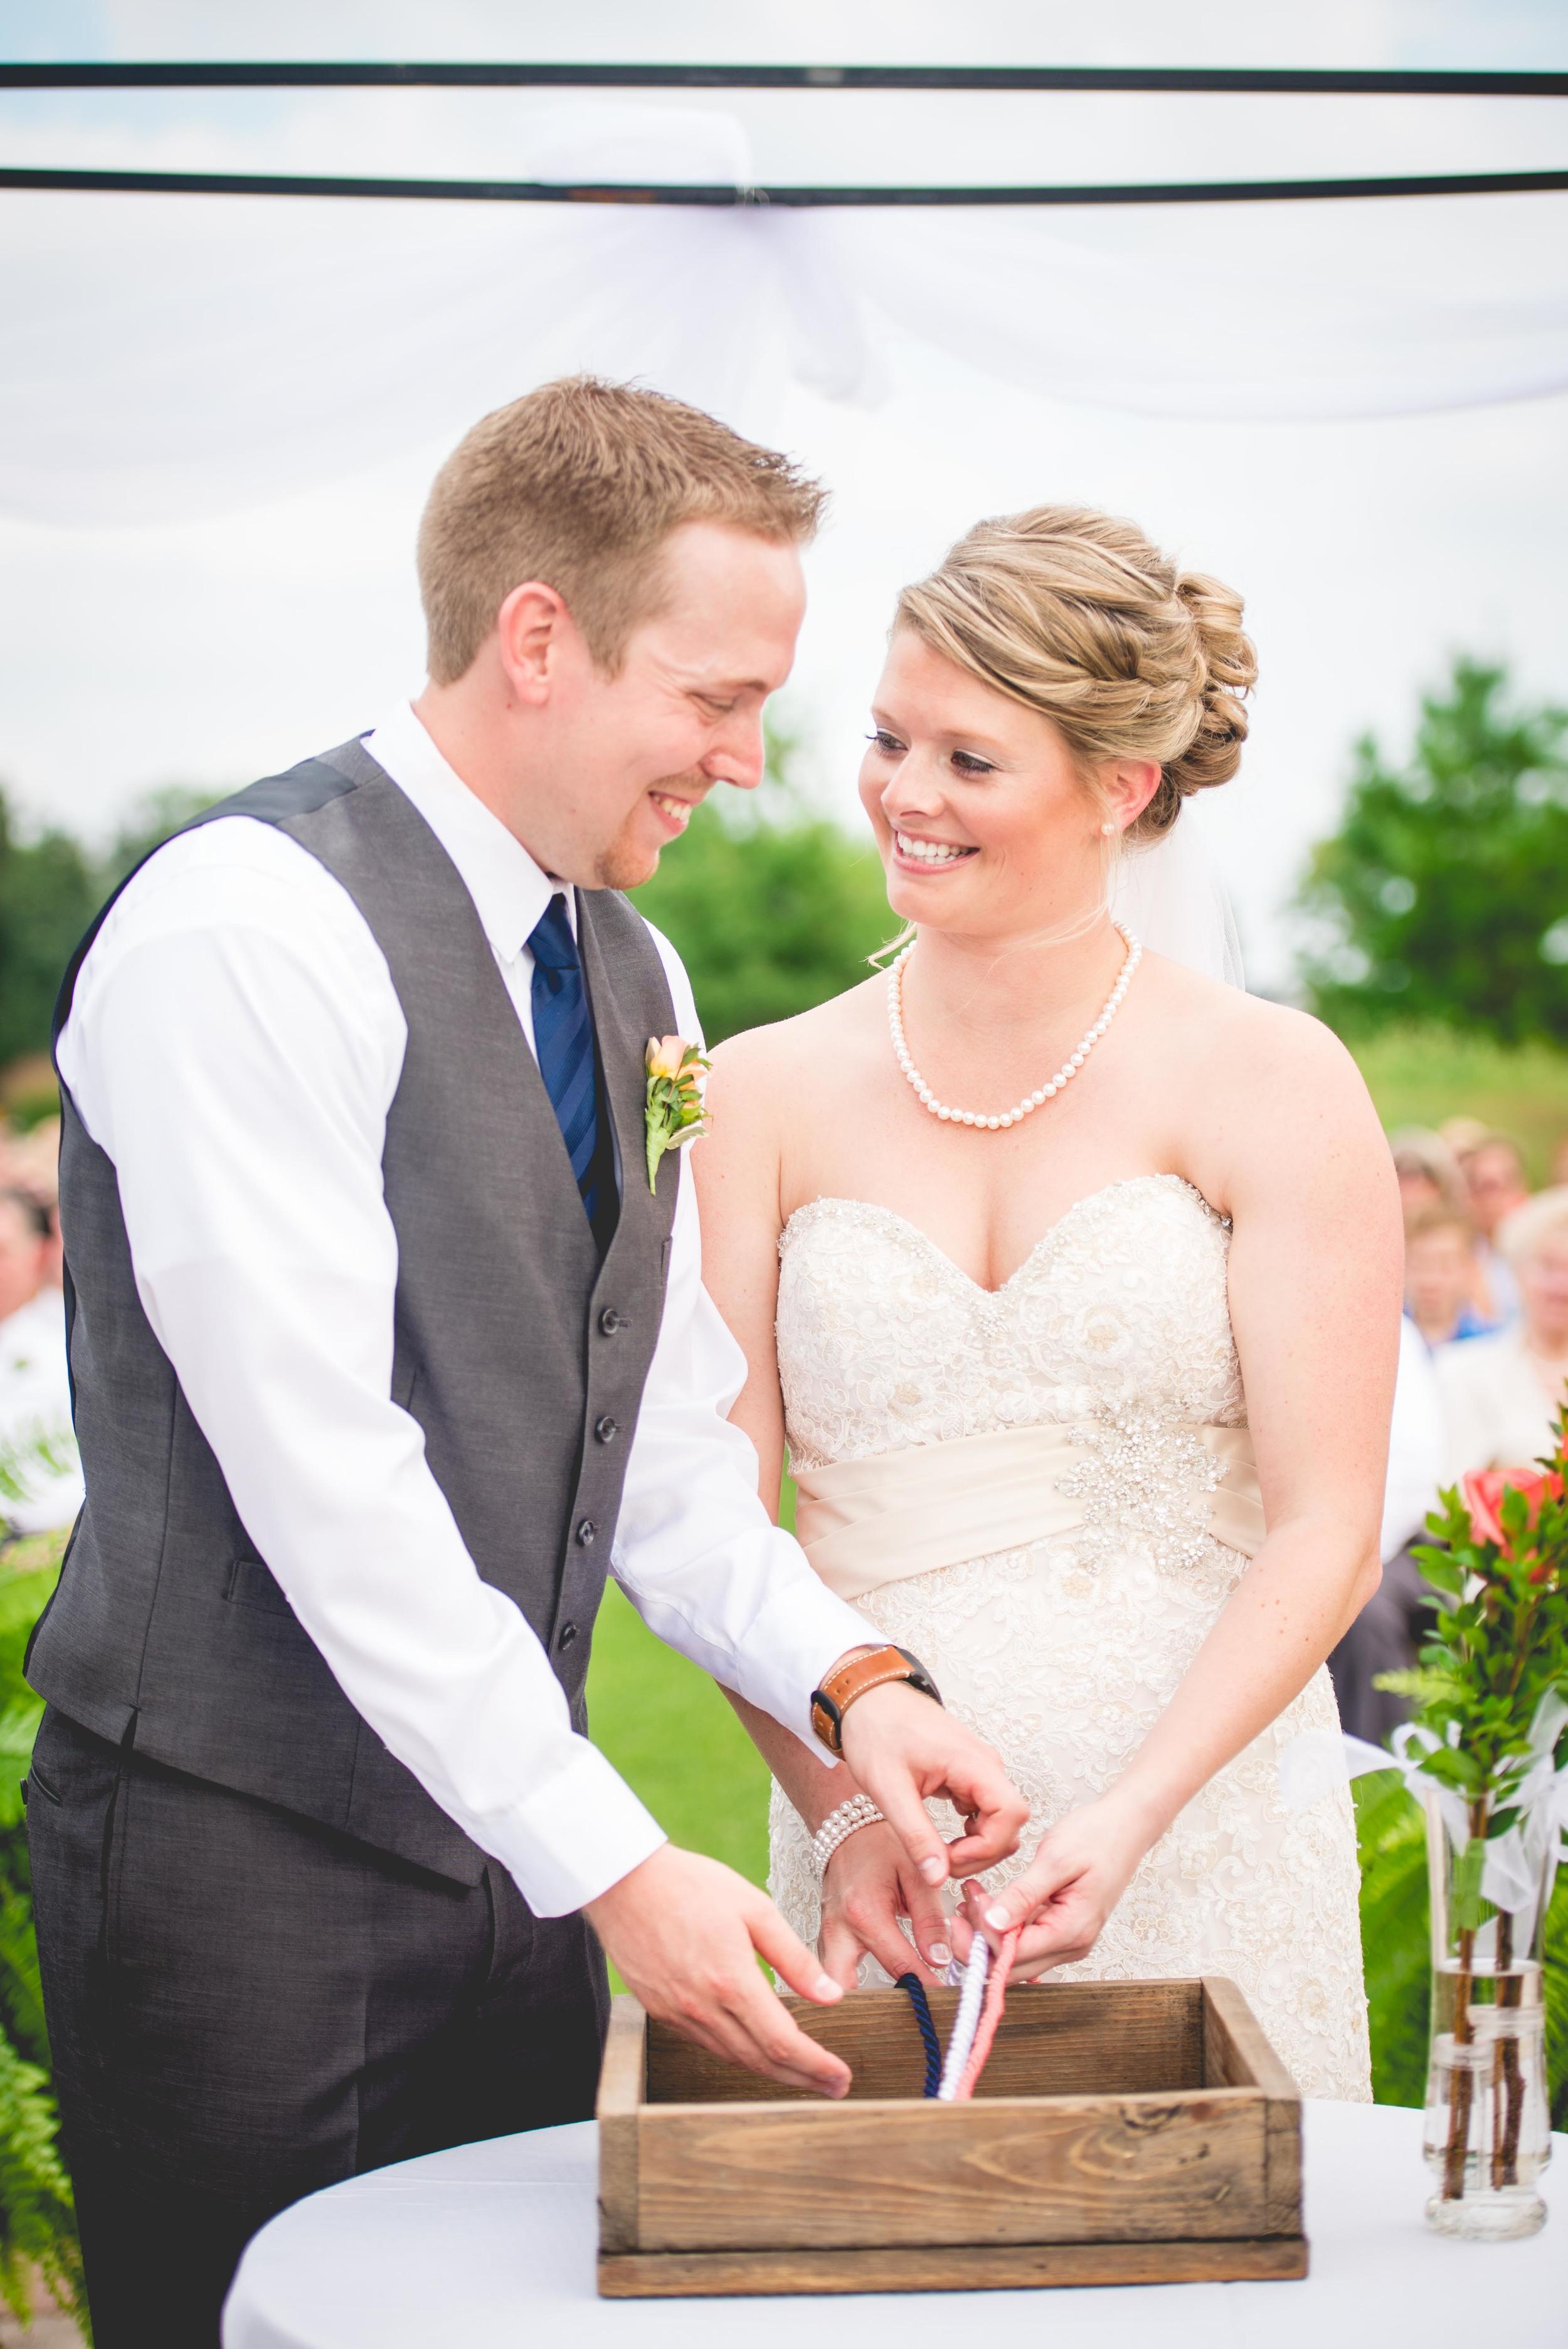 sarasutterphotography_wedding_drewanderin_2015-989.jpg